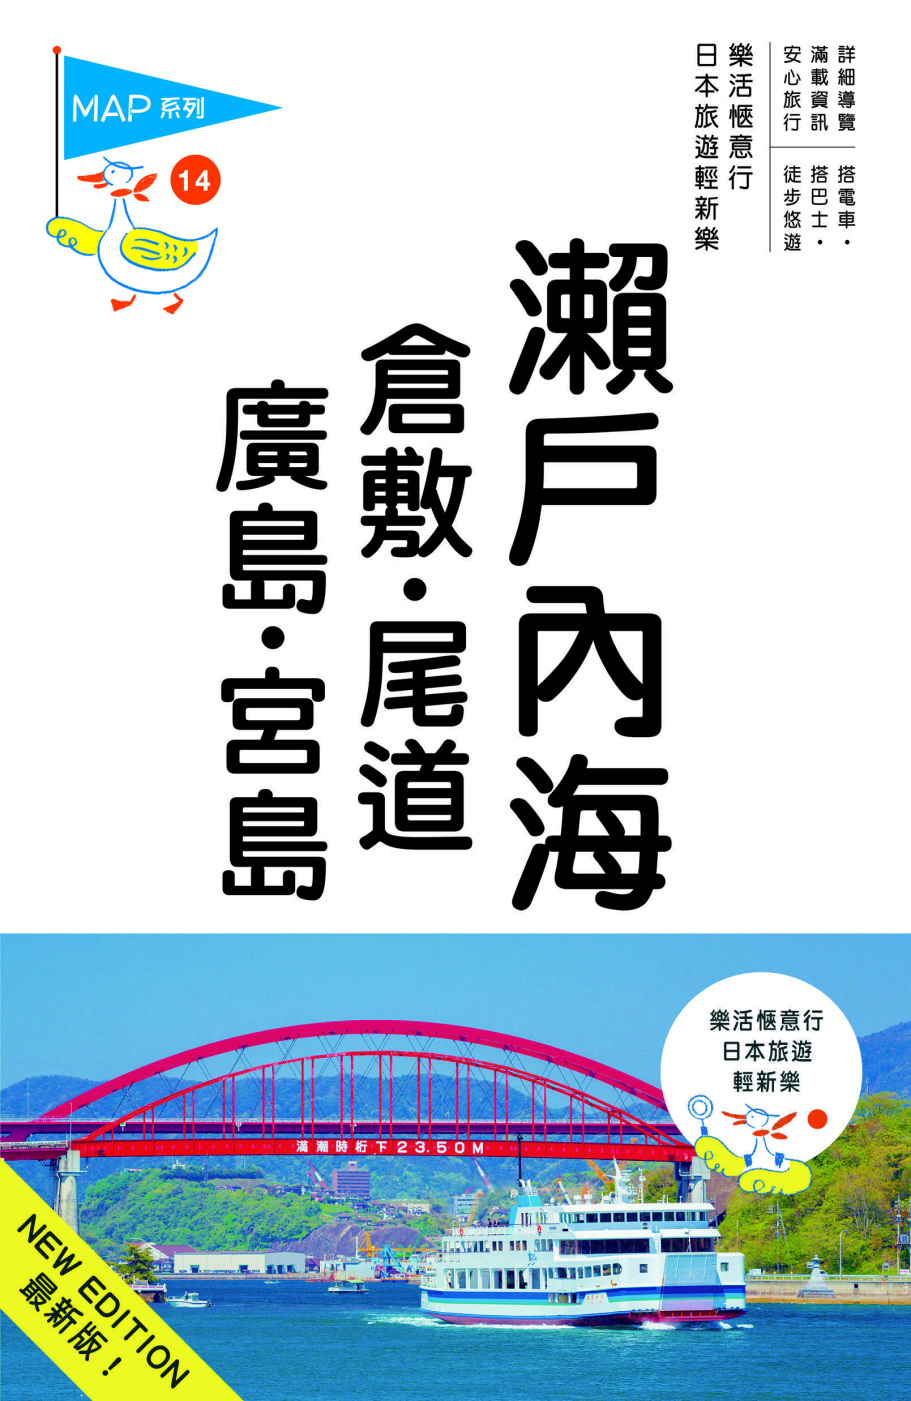 瀨戶內海‧倉敷‧尾道‧廣島‧宮島(三版) ─人人遊日本(14